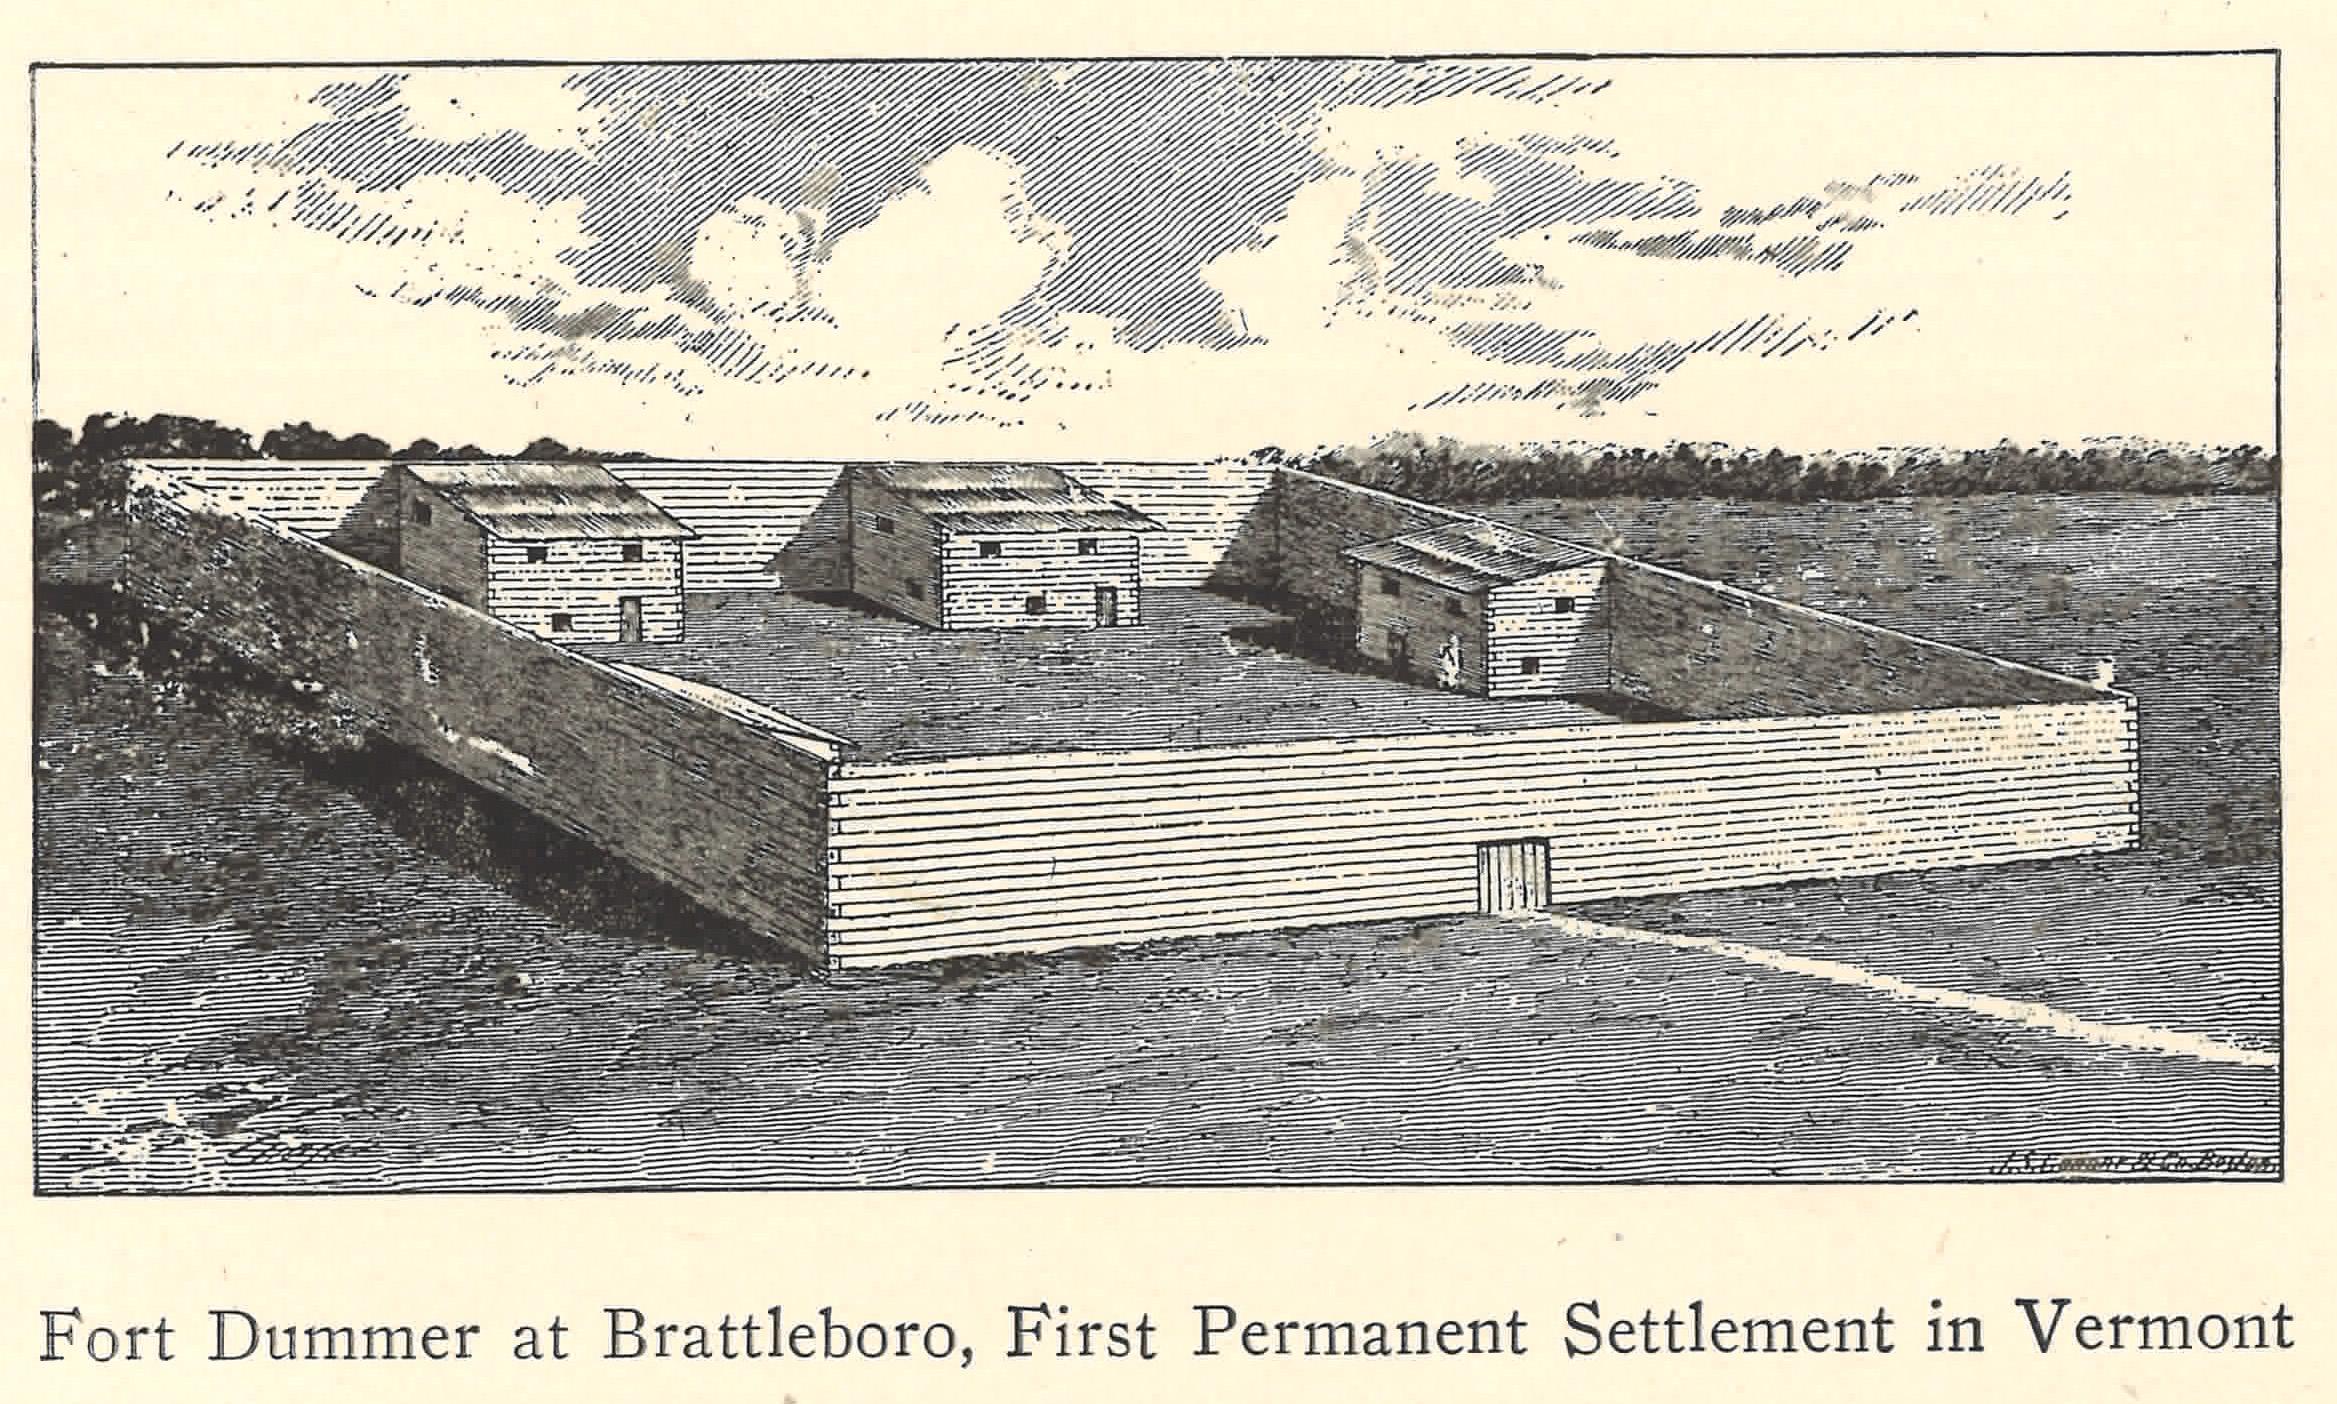 Fort Dummer, Brattleboro, Vermont. 1724